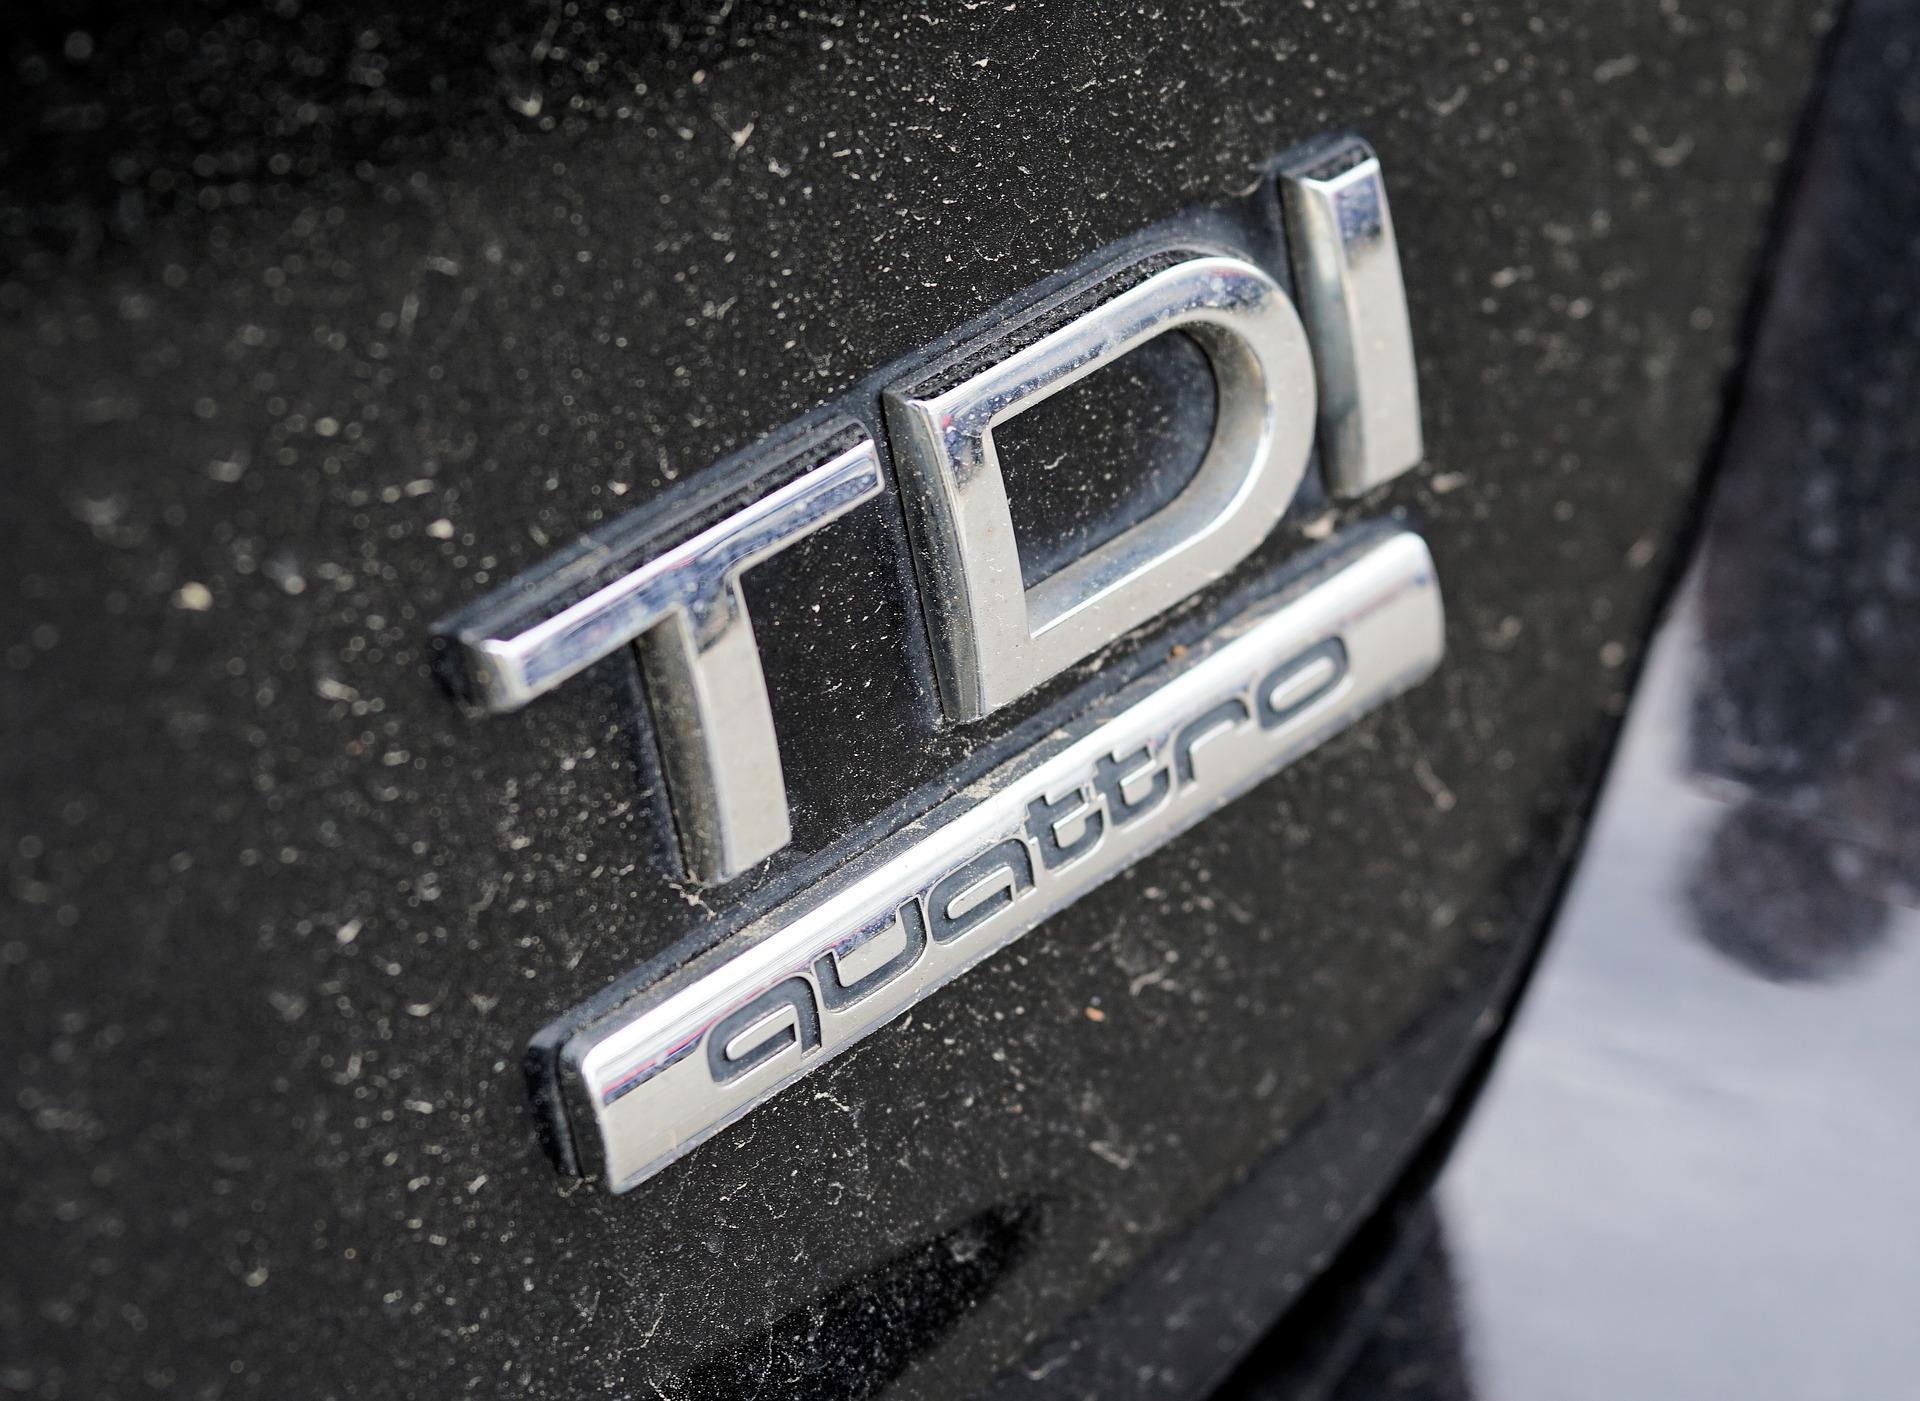 Verkehrsverbote für Dieselfahrzeuge sind grundsätzlich möglich